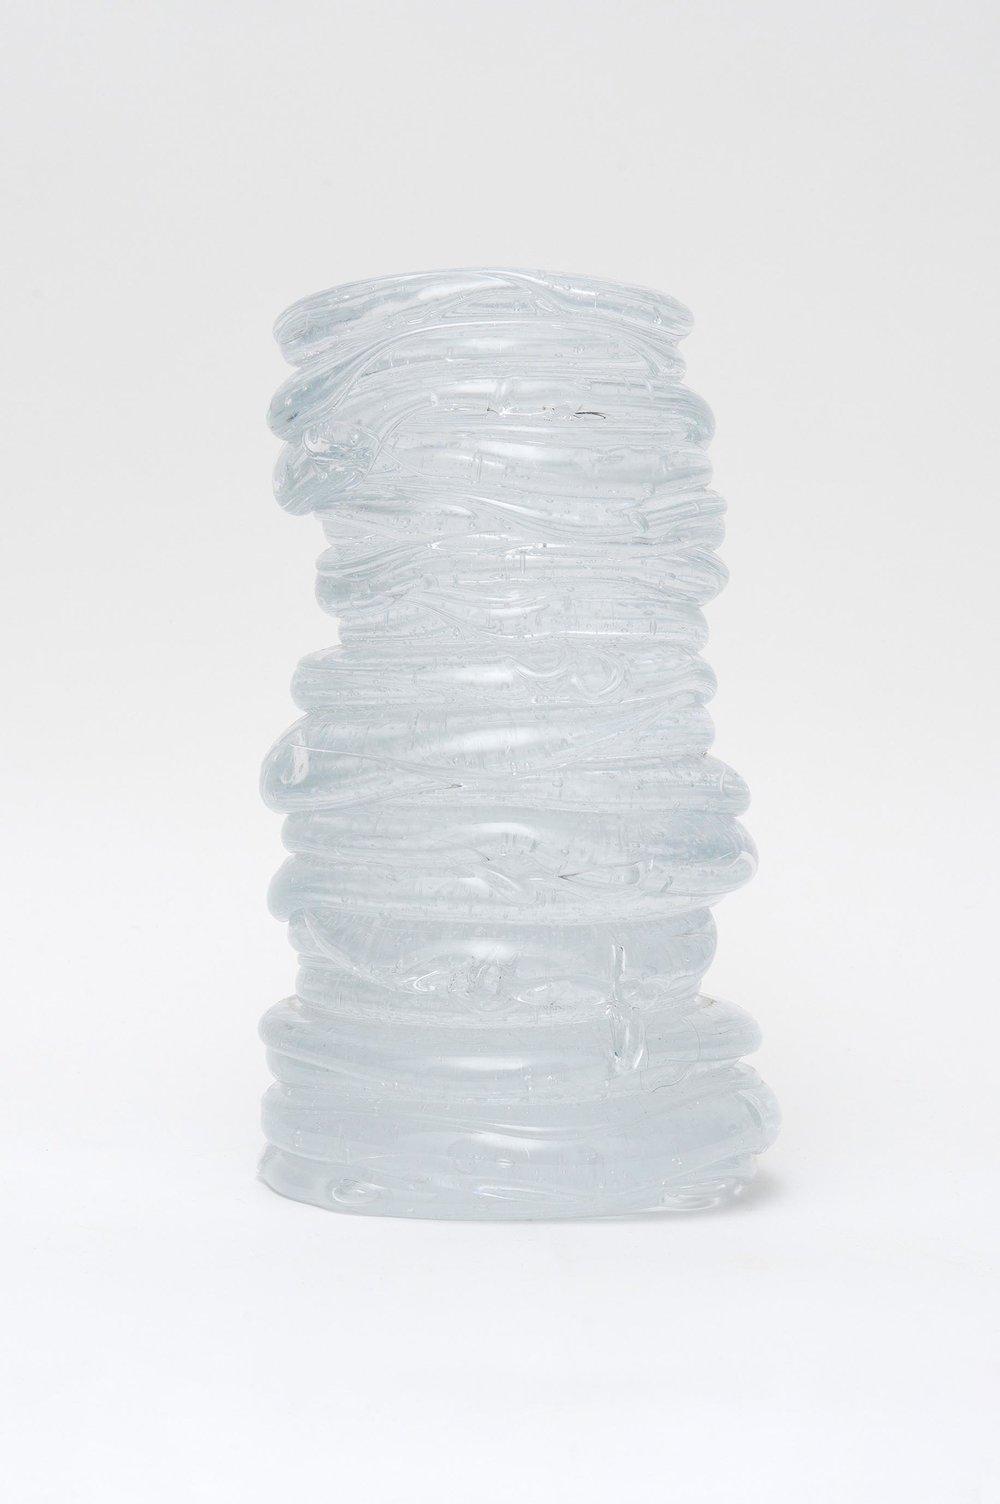 Glass No. 3 CAs, 2015